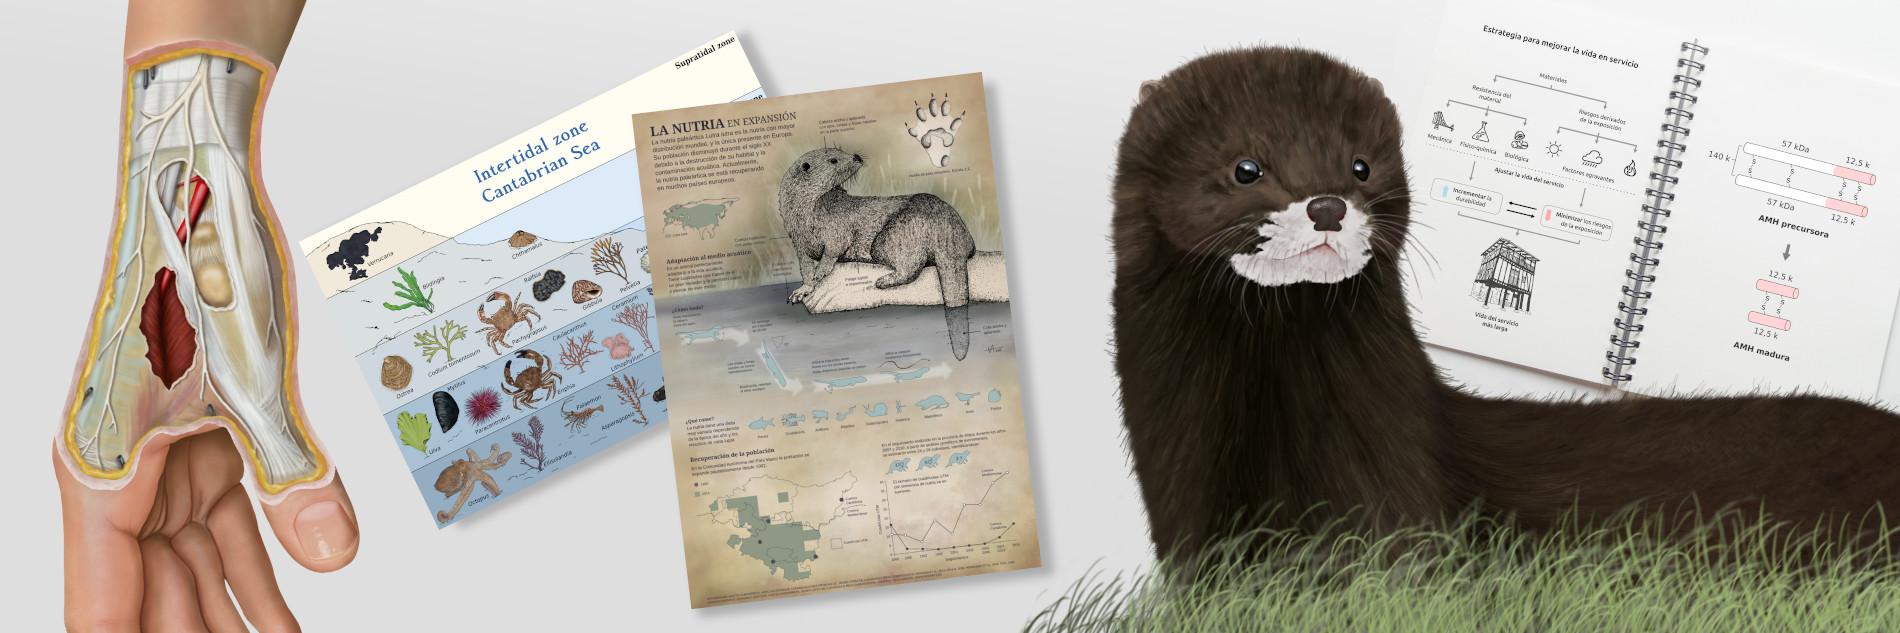 Montaje con varios dibujos científicos de NorArte Visual Science